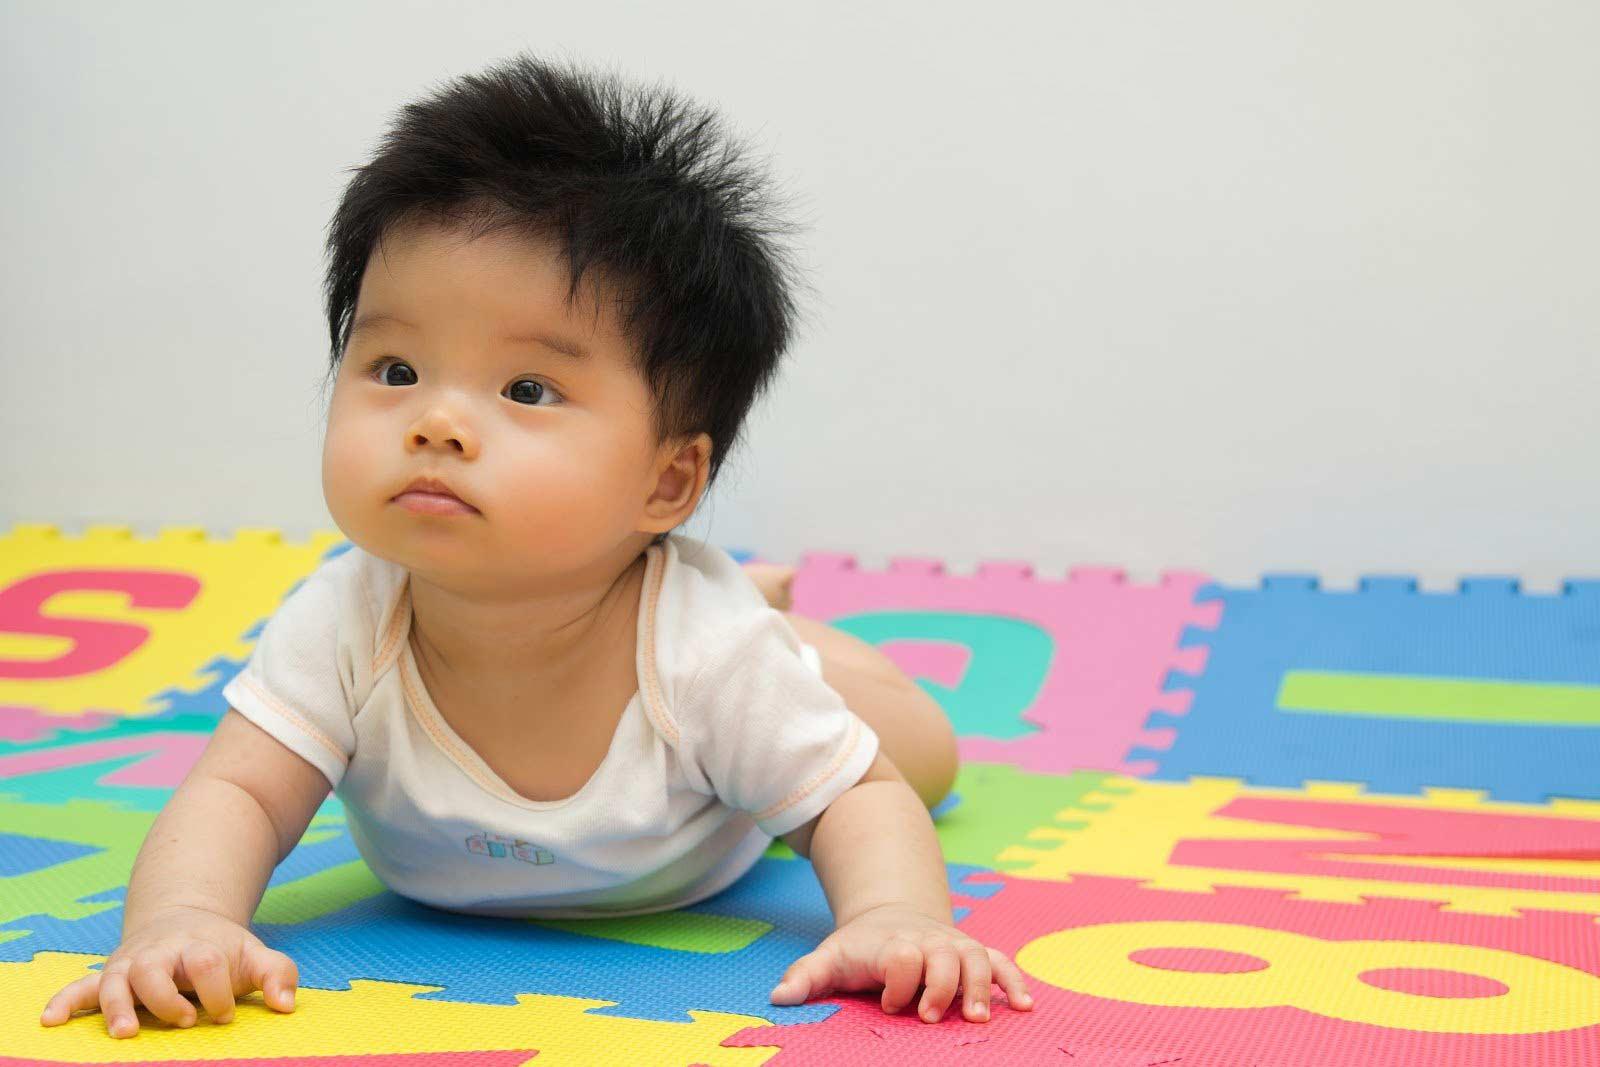 Kapan Bayi Mulai Tengkurap, Duduk, Merangkak, dan Berjalan